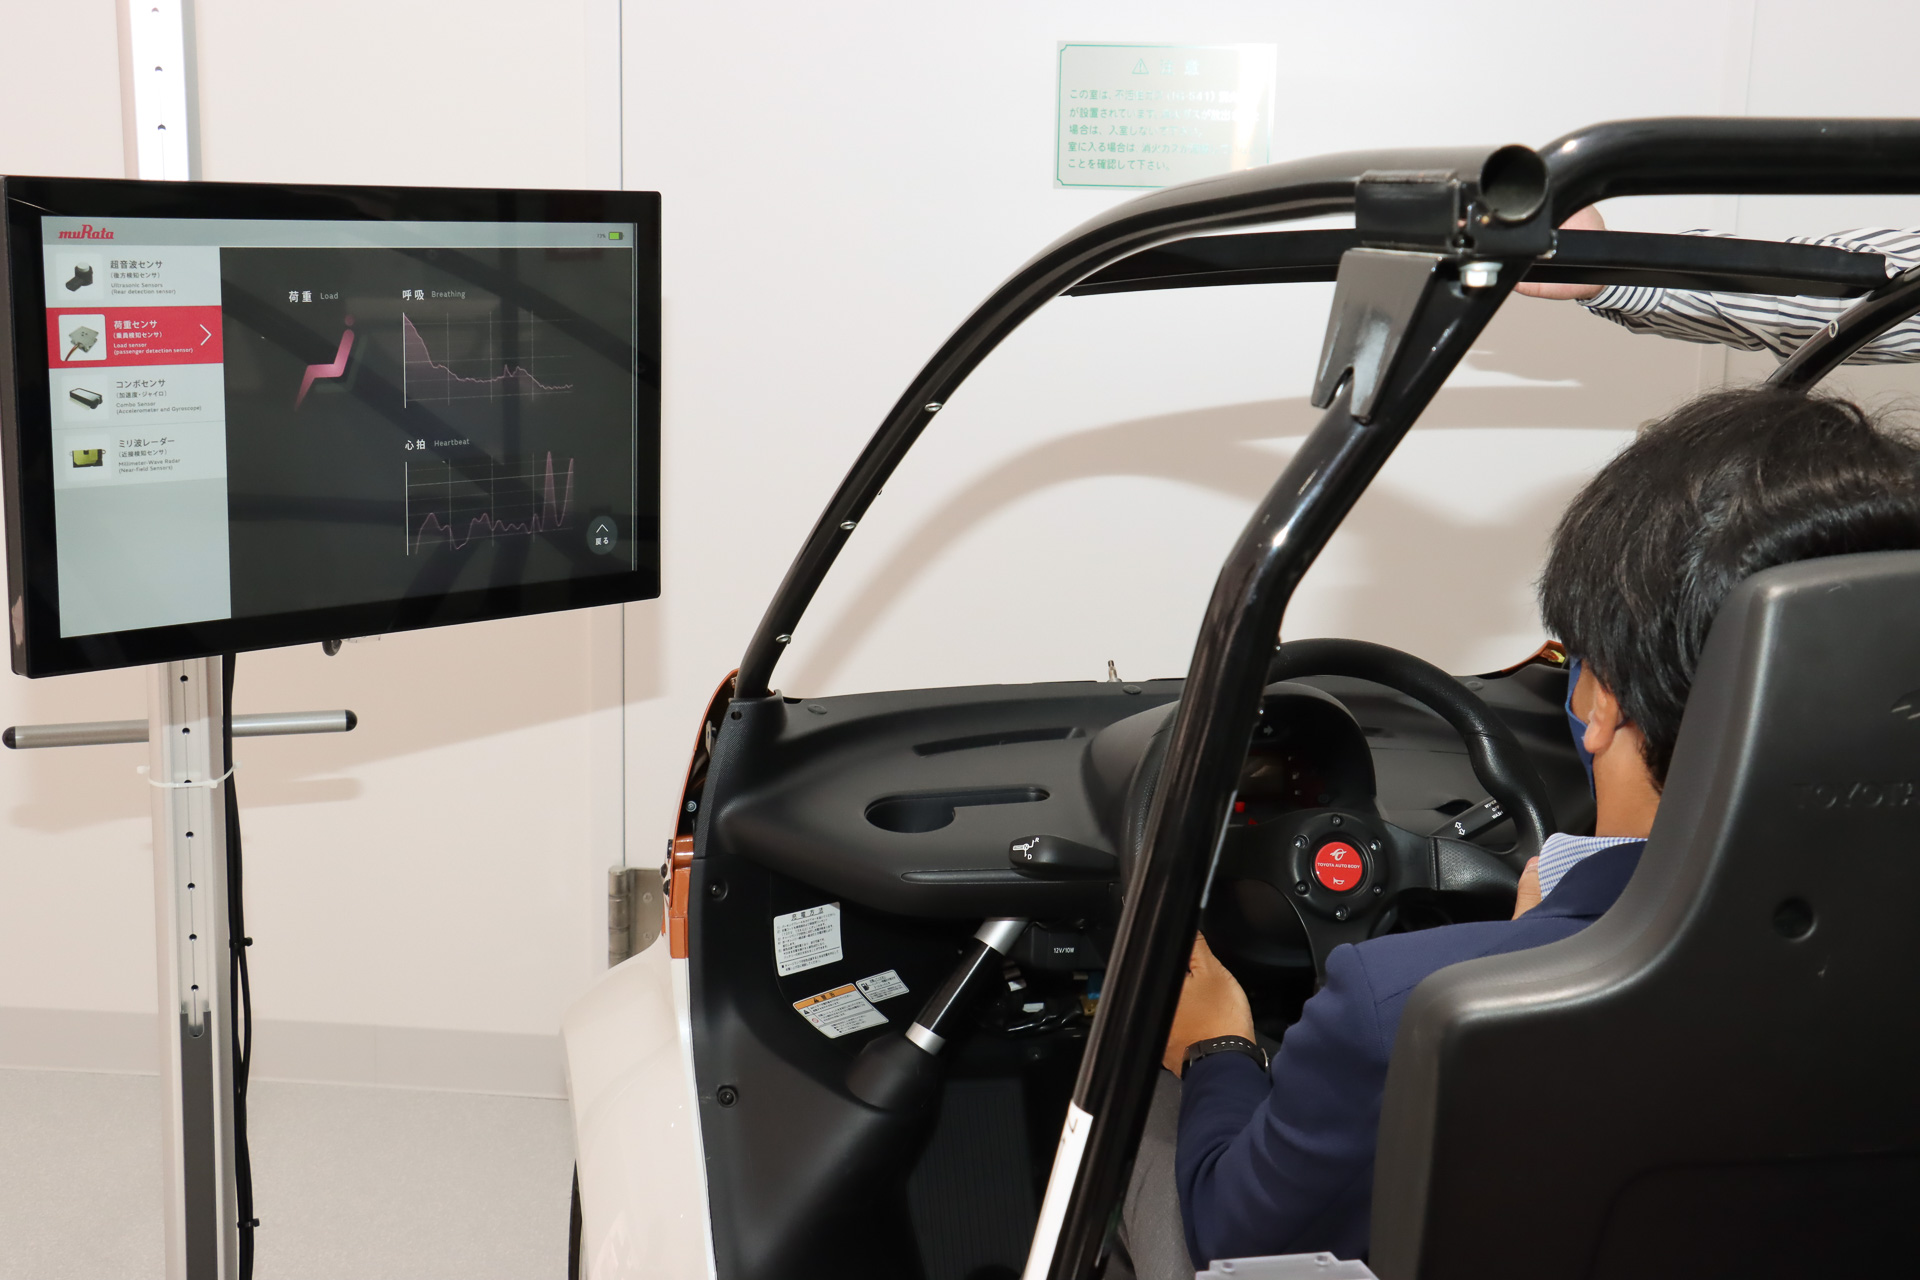 シートに座っている人の呼吸と心拍のバイタルデータが画面に表示。試しに座っている人が息を止めると、呼吸の波形がフラットに近付き、心拍はそのままといった差が出た